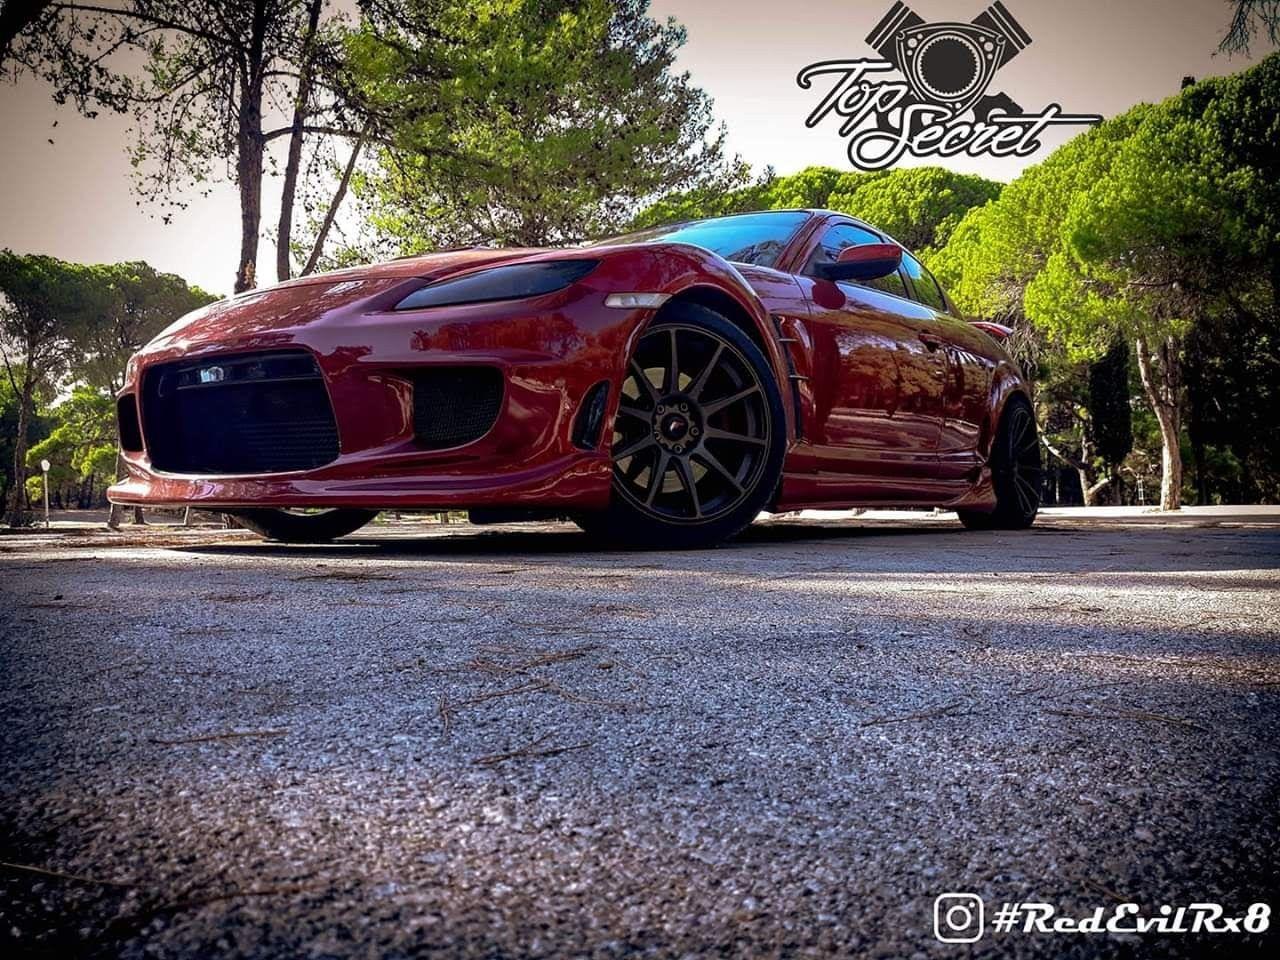 Mazda Rx8 Mazda, Sports car, Bmw car